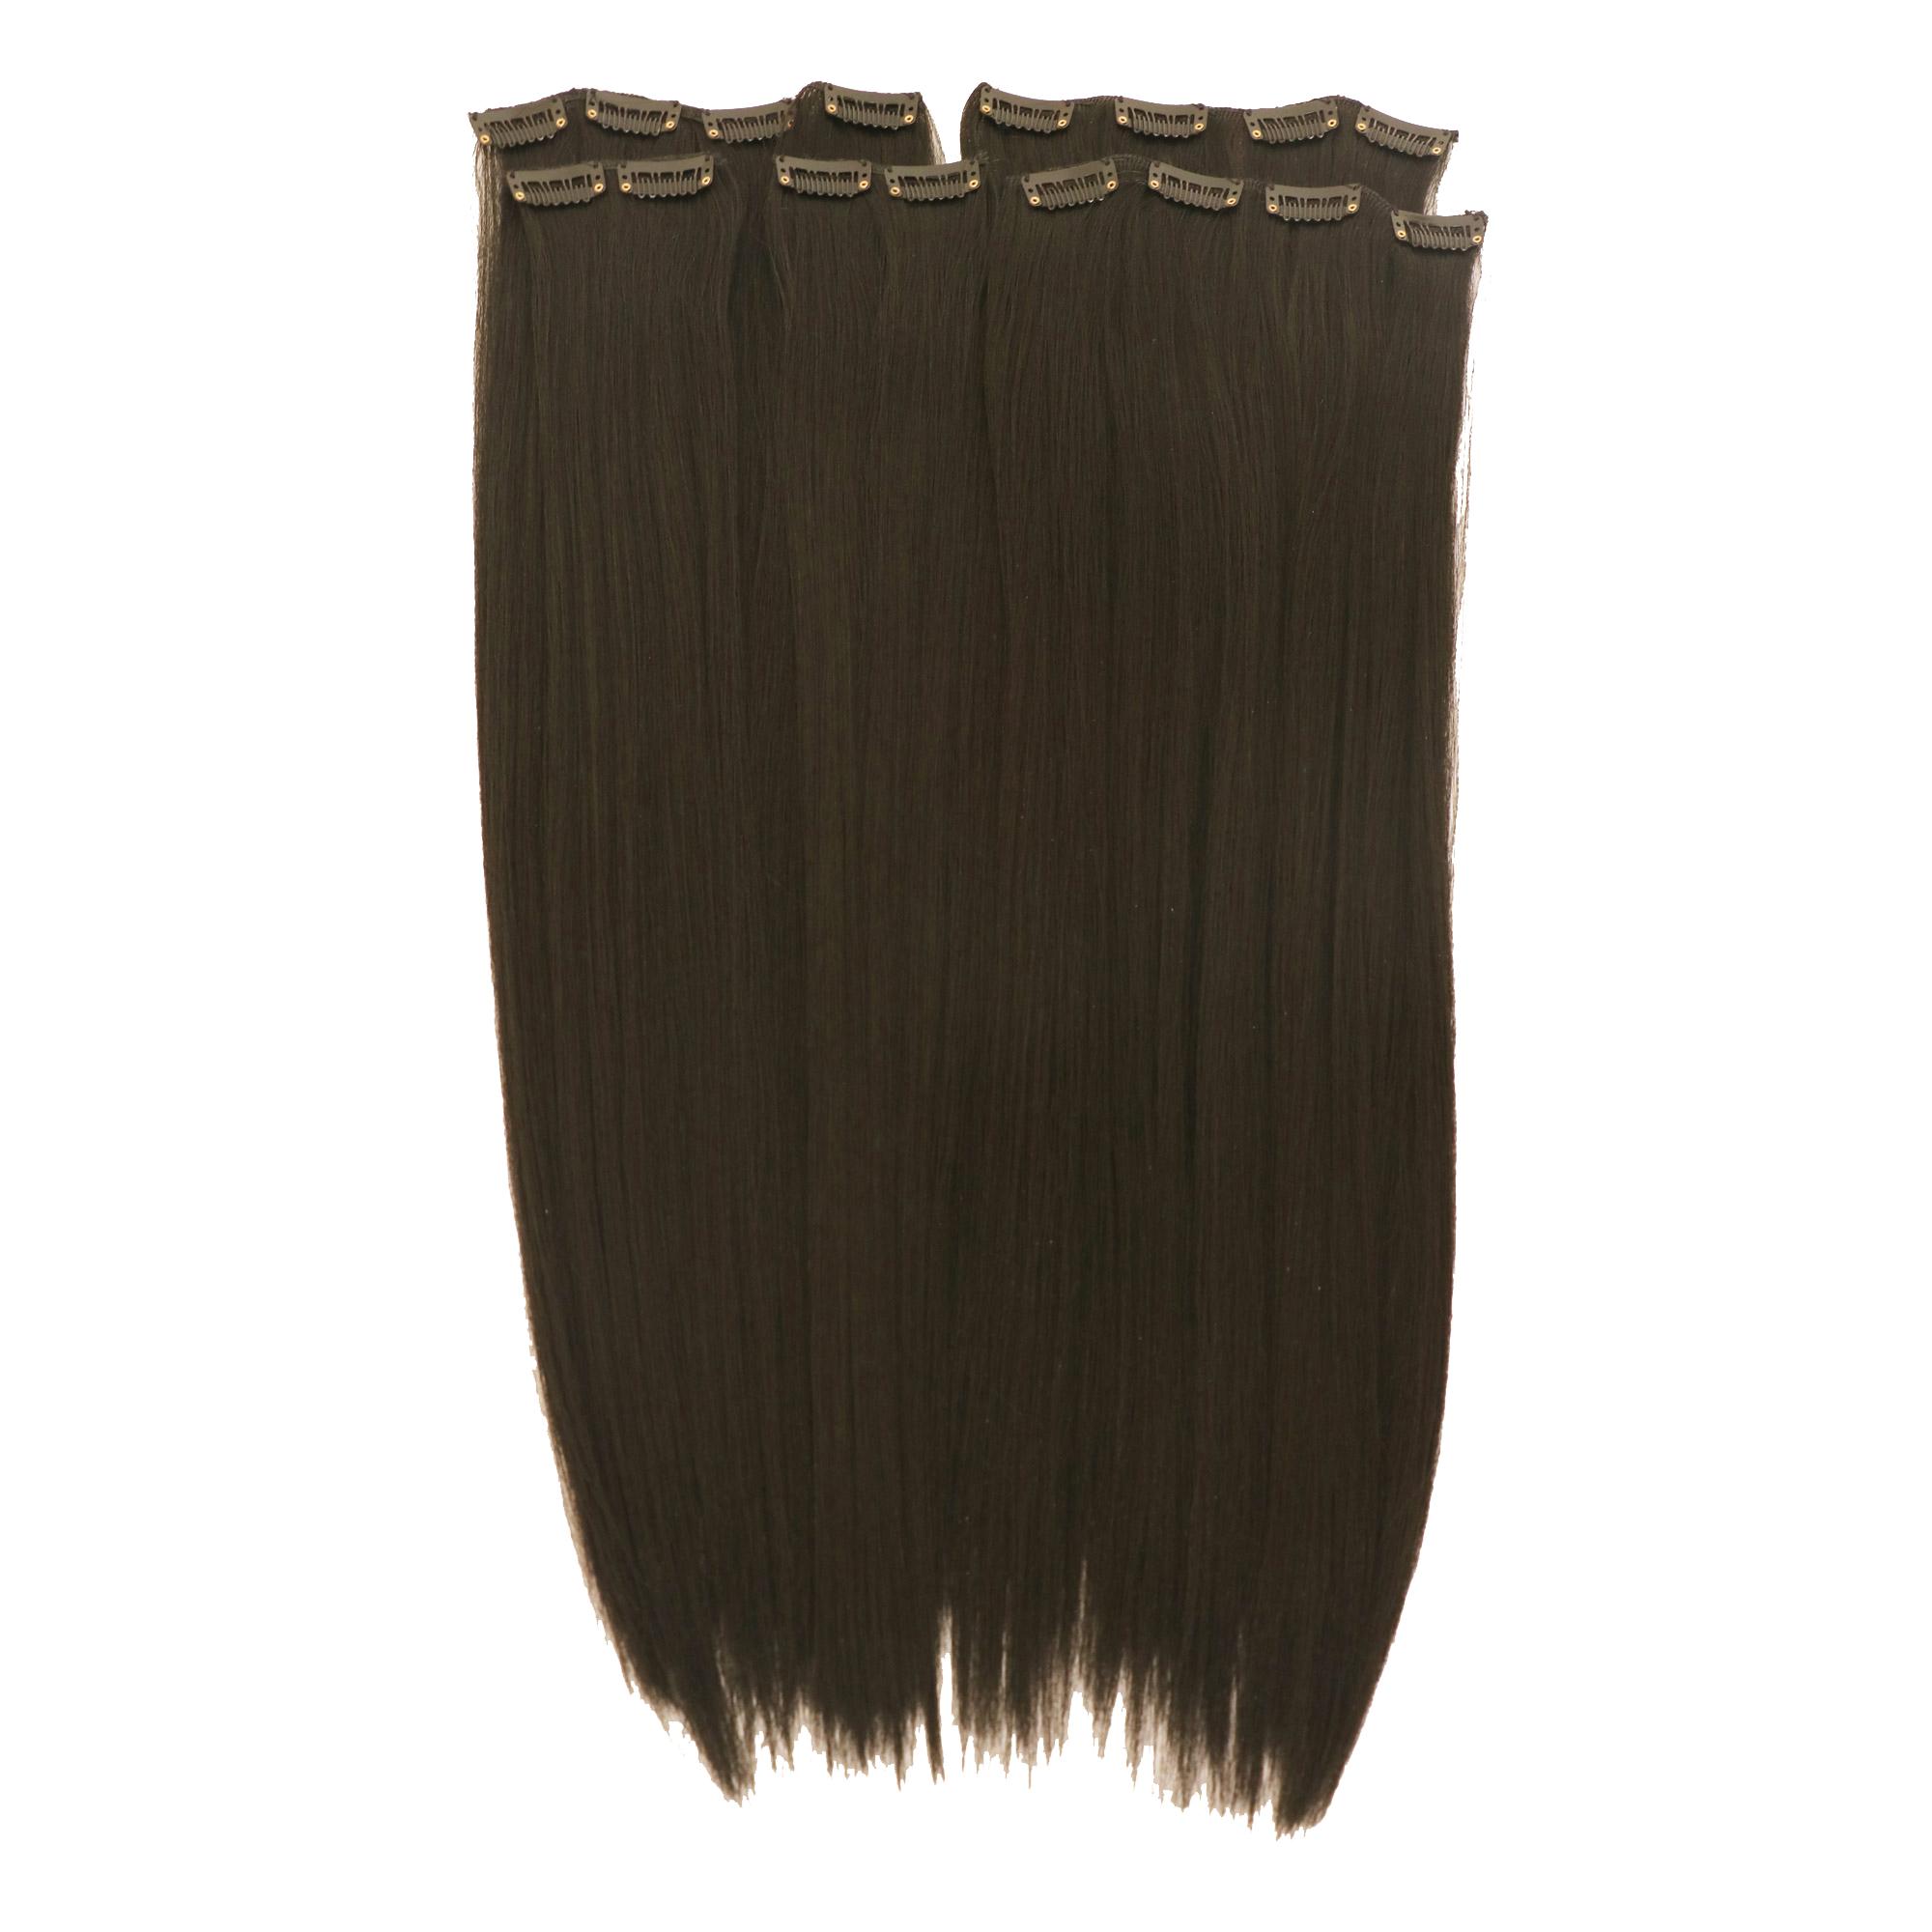 اکستنشن مو متحرک کلیپس دار مدل پوش رنگ موی طبیعی 3041c-3